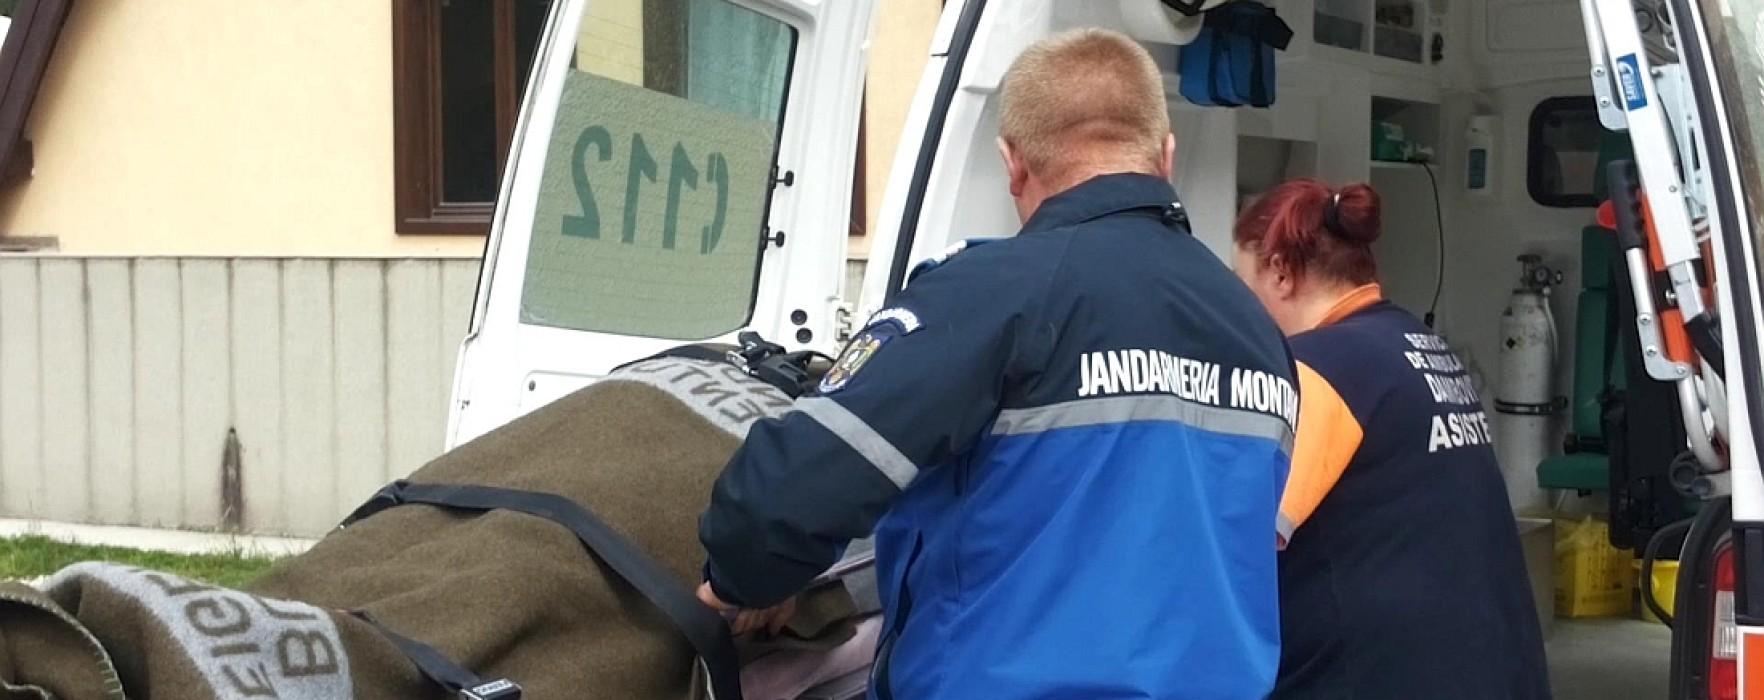 Turistă salvată de jandarmi, după ce a căzut într-o râpă în zona Zănoaga